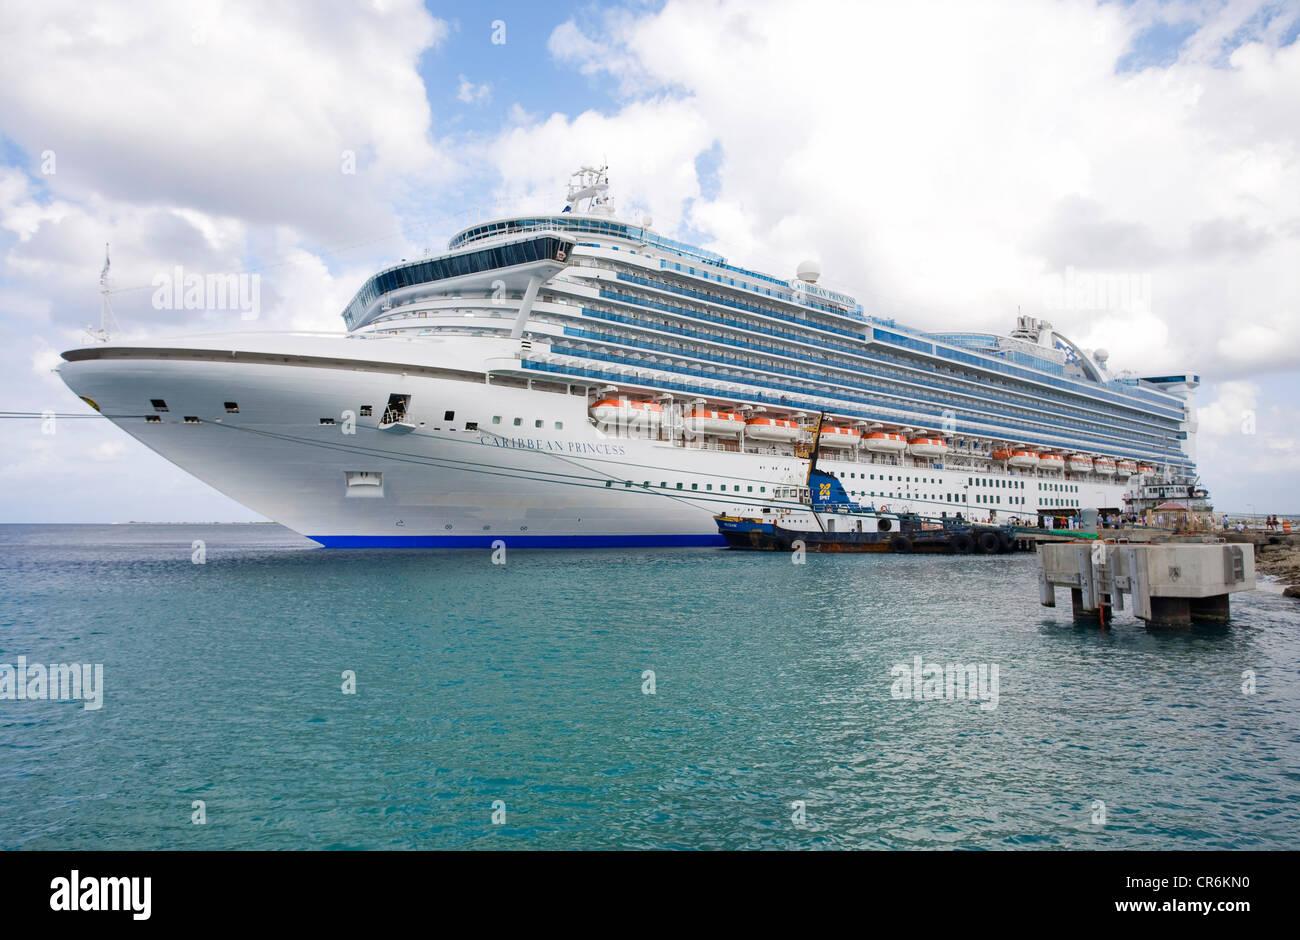 Caribbean Princess cruise ship at the Port